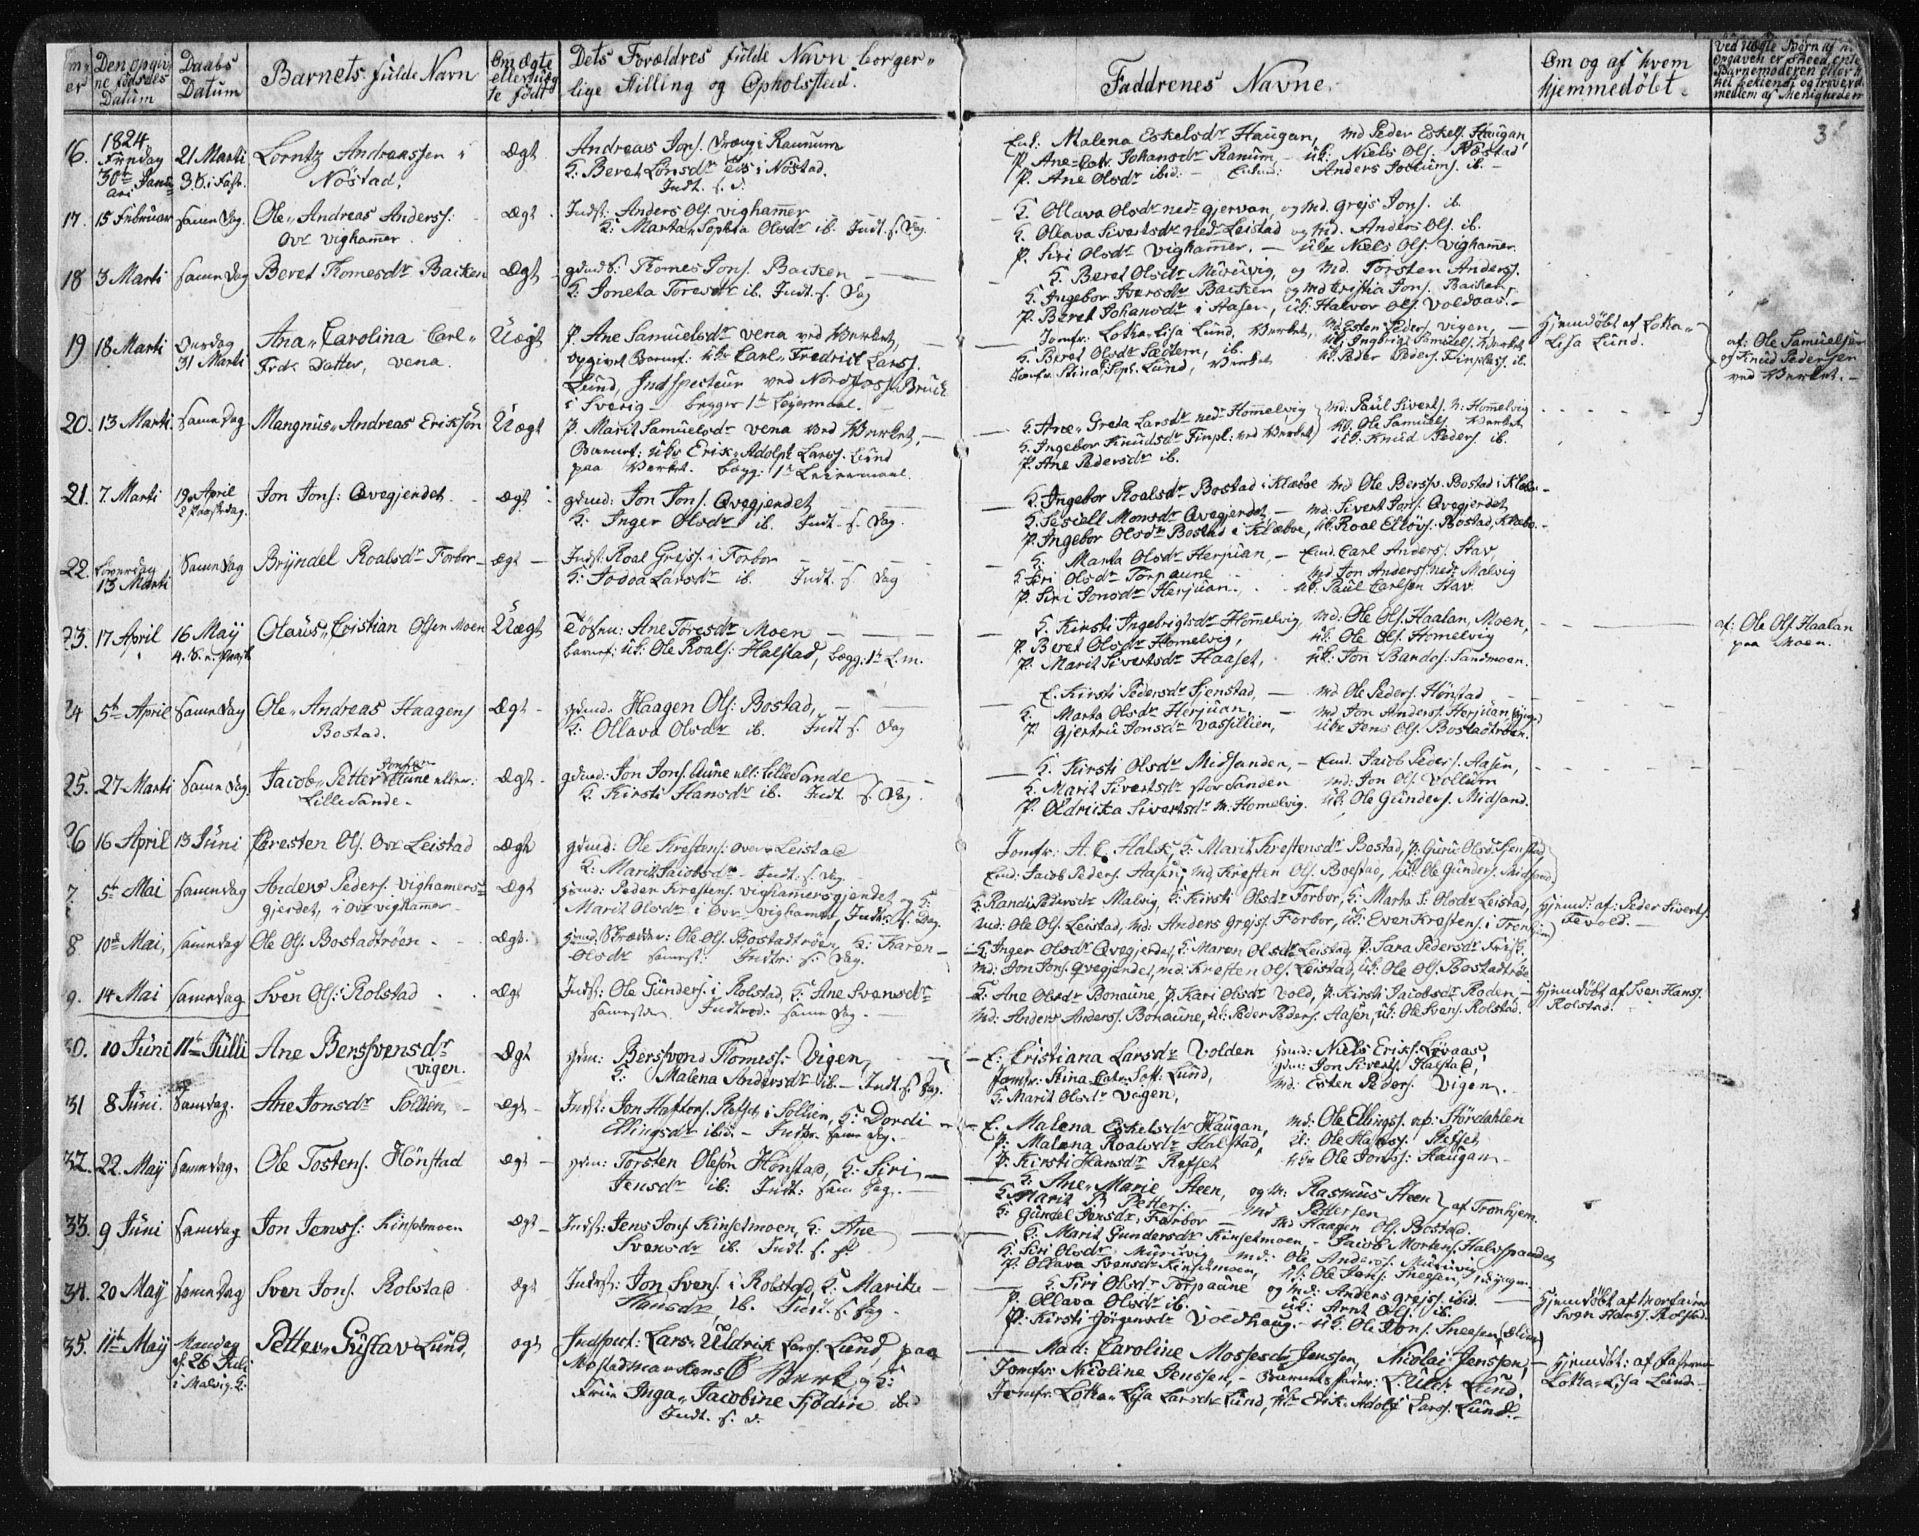 SAT, Ministerialprotokoller, klokkerbøker og fødselsregistre - Sør-Trøndelag, 616/L0404: Ministerialbok nr. 616A01, 1823-1831, s. 3